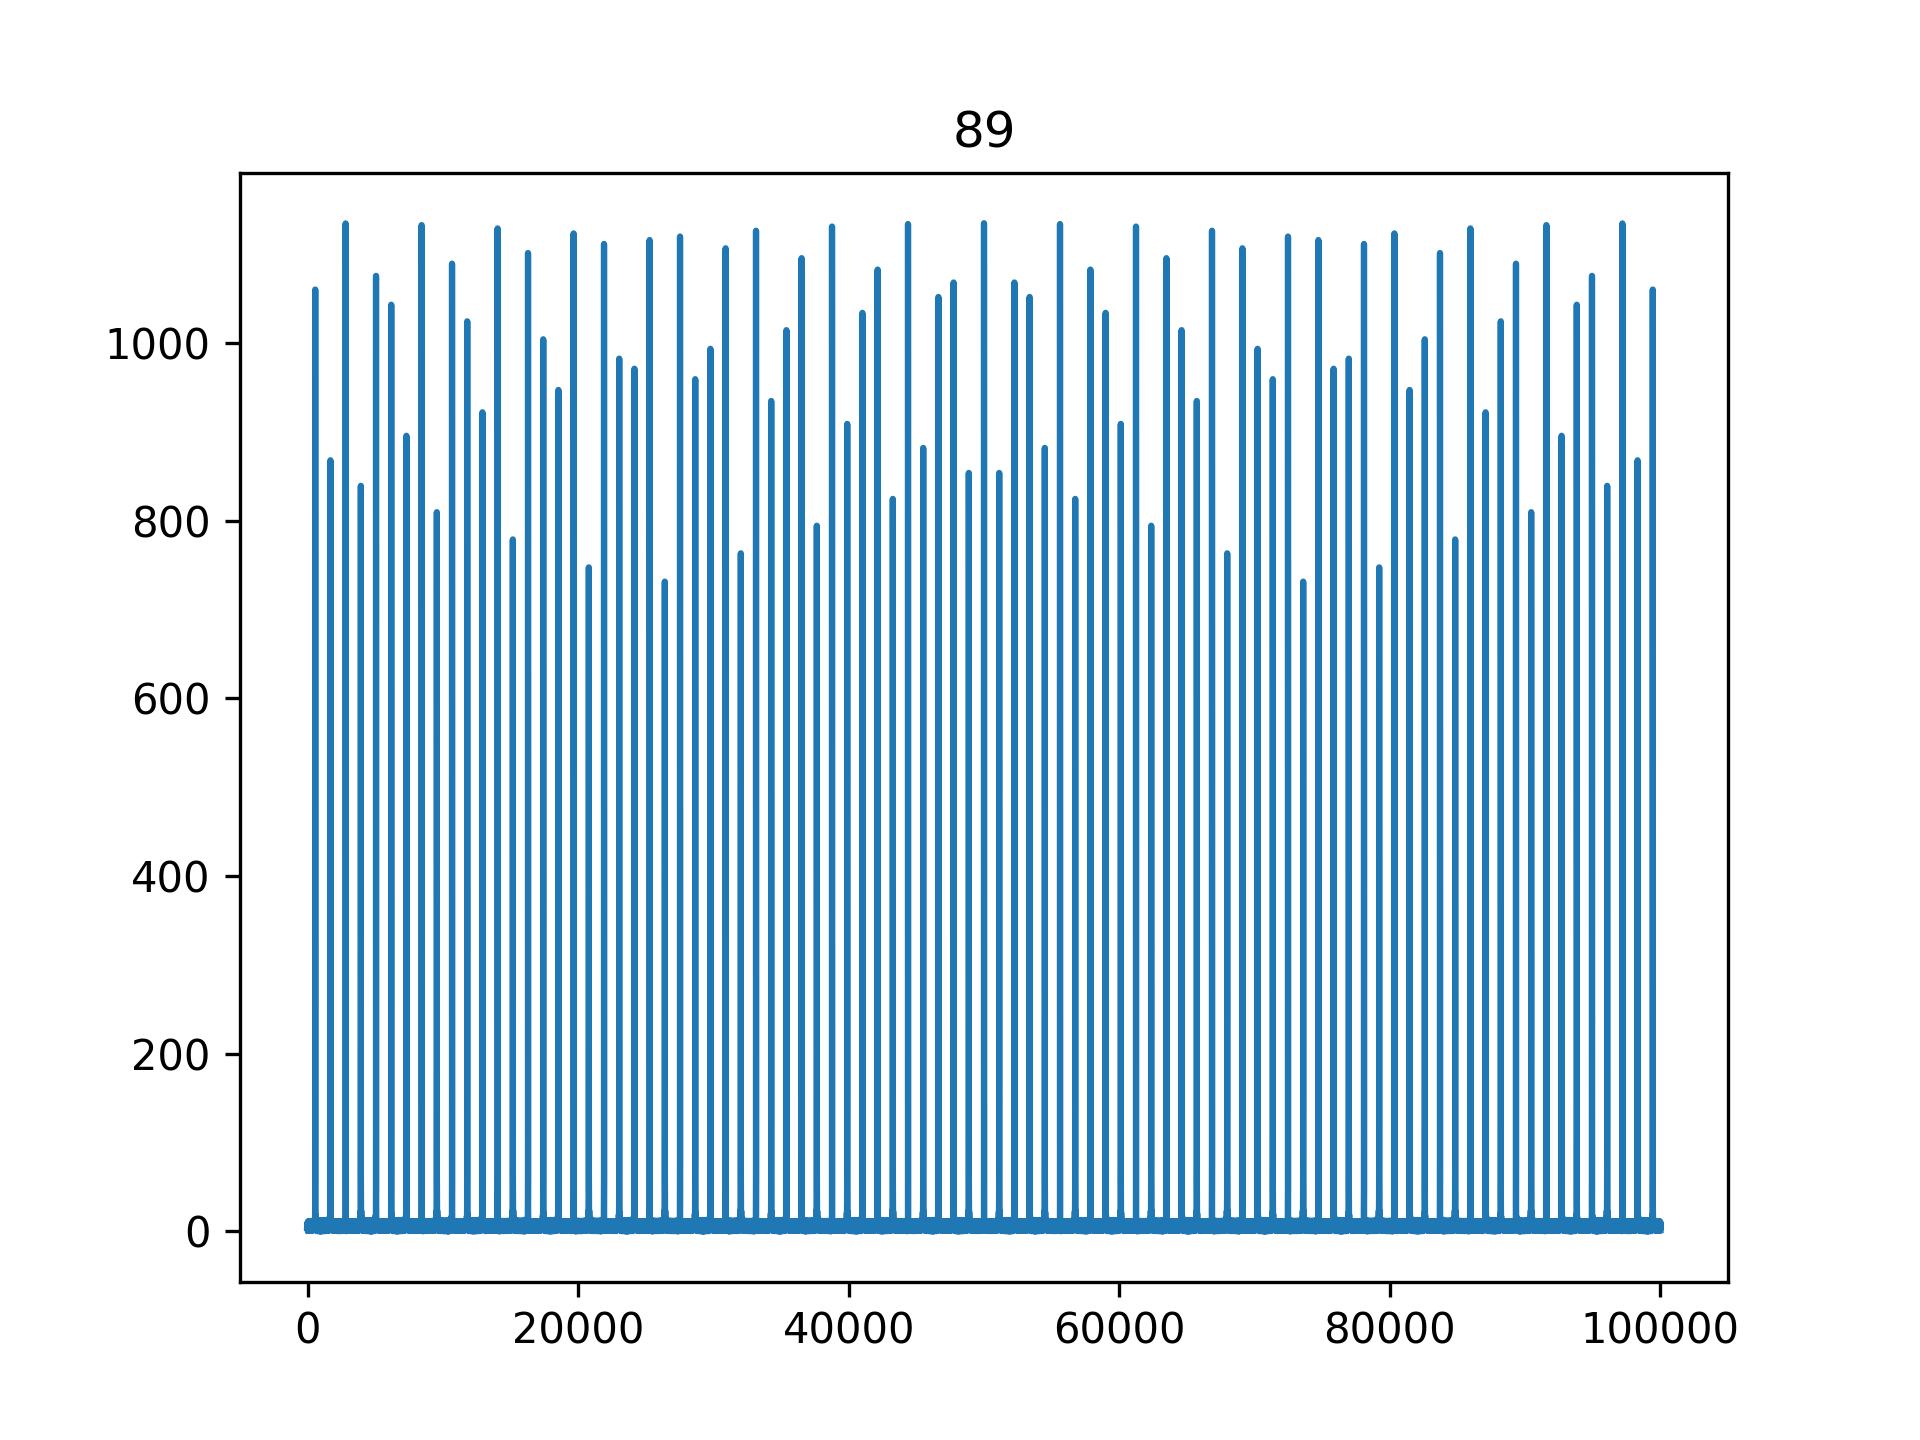 Magnitude Spectrum of '89'